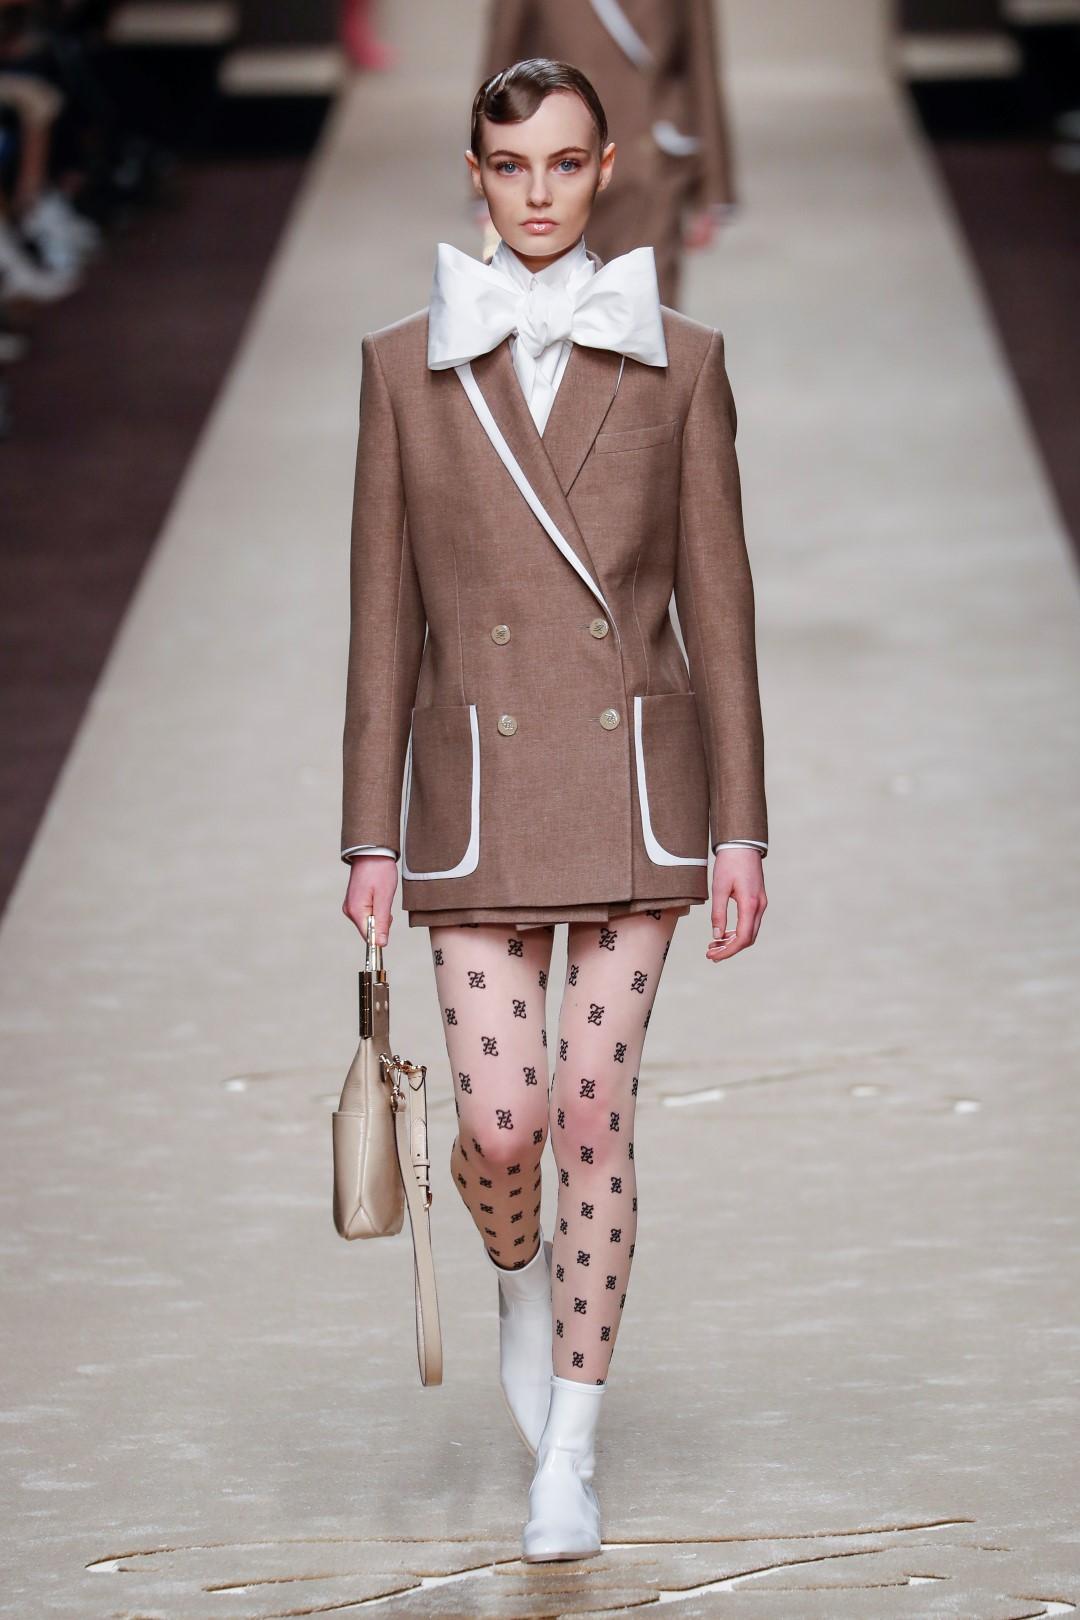 Fendi omaggia Karl Lagerfeld: l'ultima collezione ispirata all'uomo